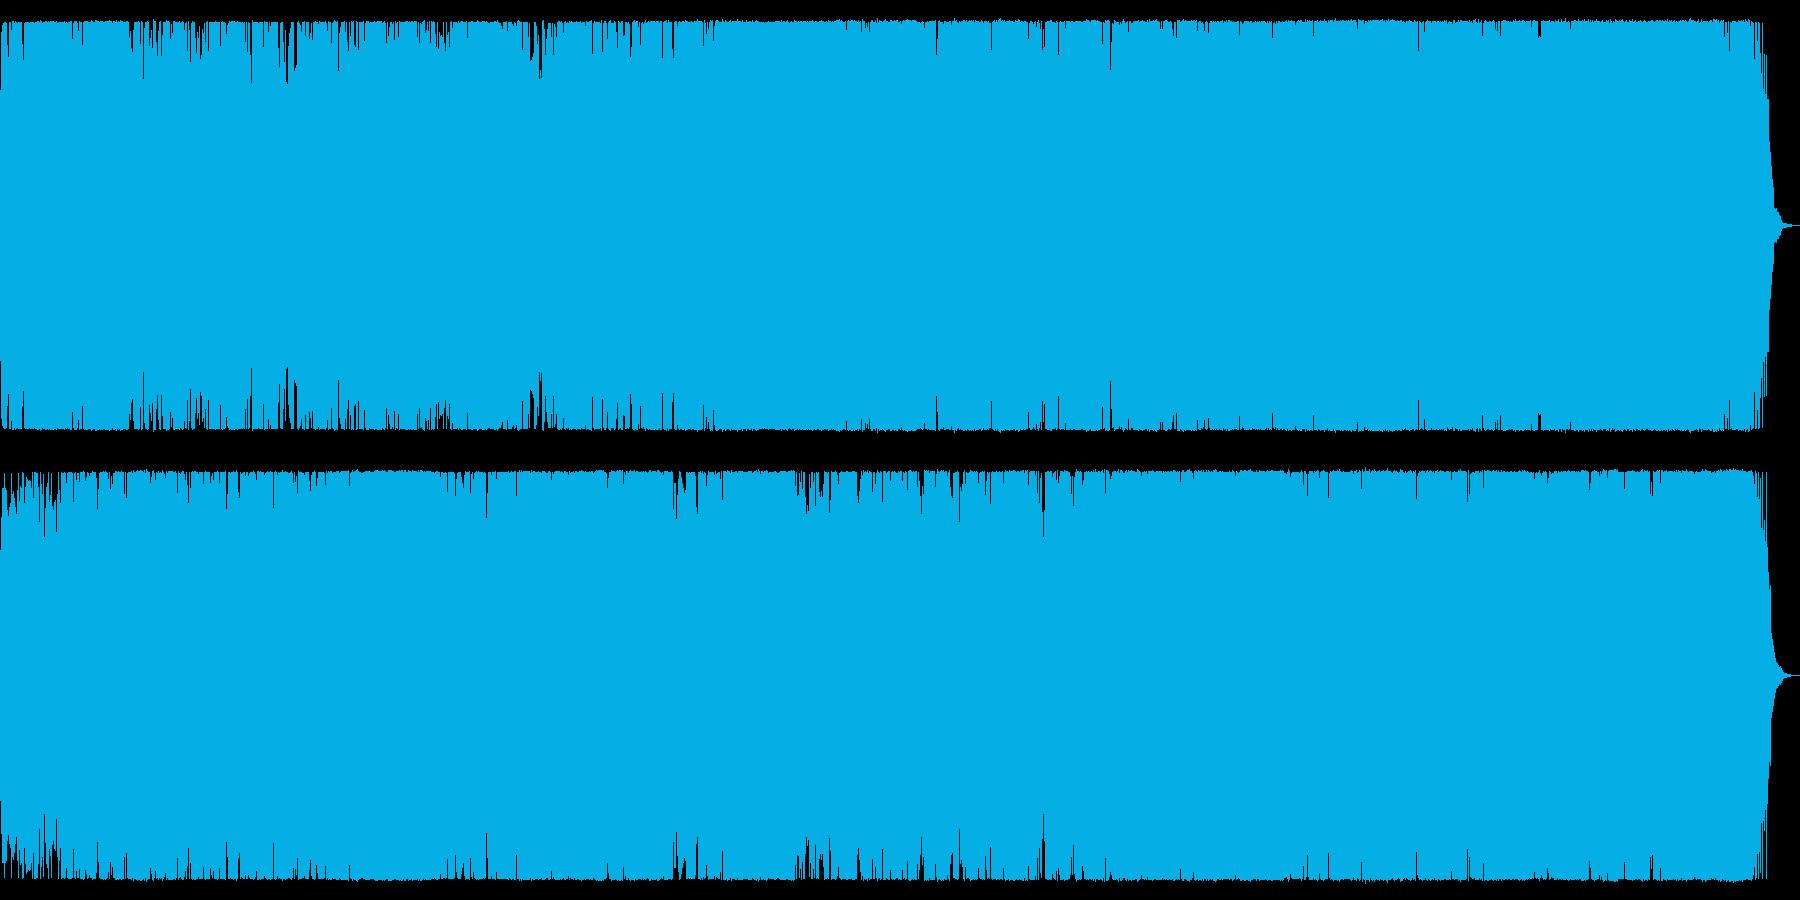 大海原を突き進むイメージのオーケストラ曲の再生済みの波形